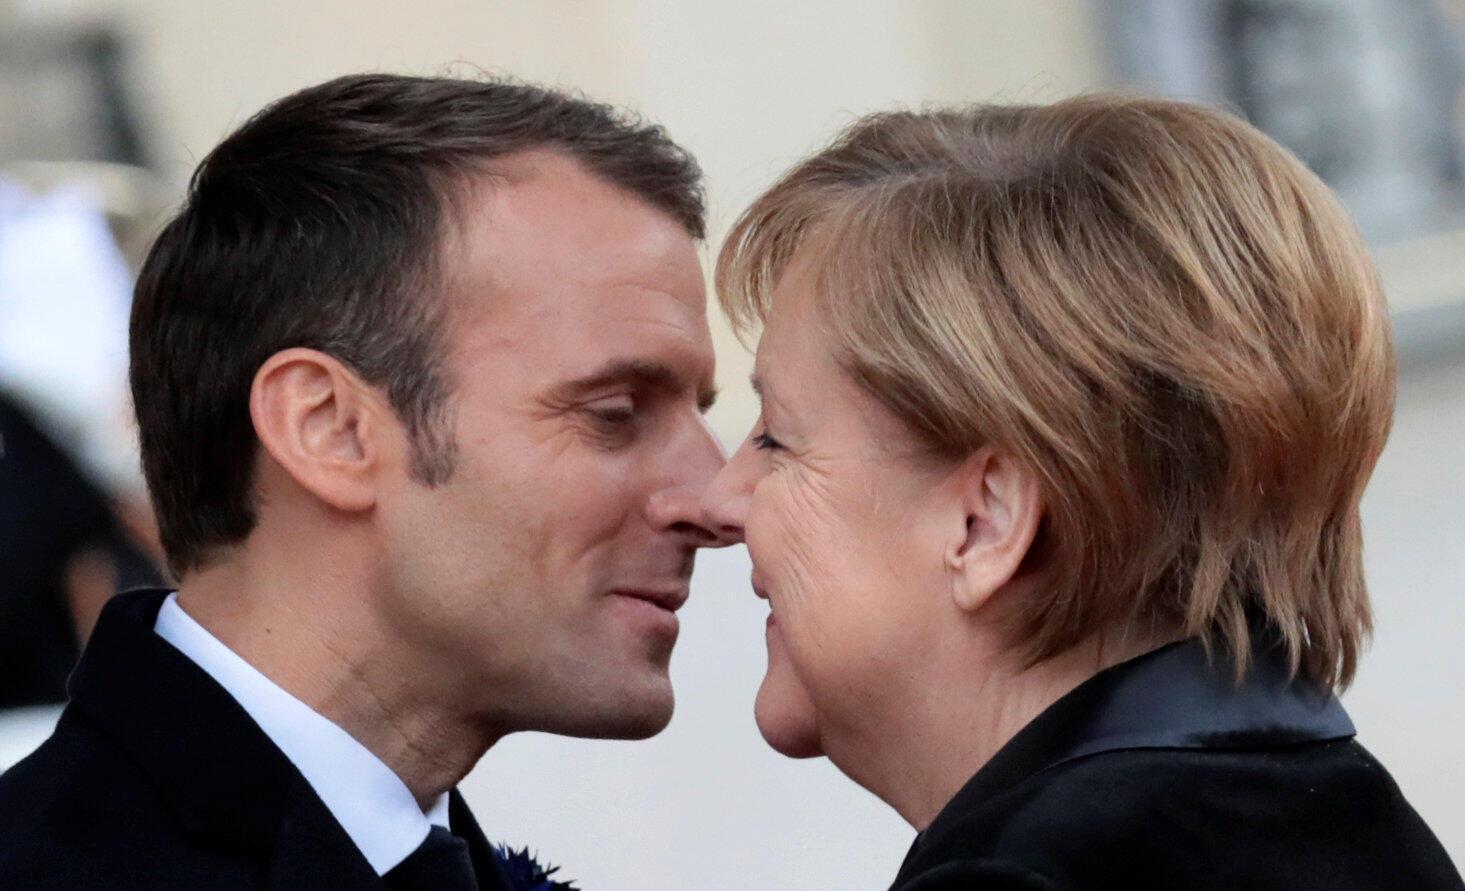 امانوئل ماکرون، نخستوزیر فرانسه و آنگلا مرکل صدراعظم آلمان